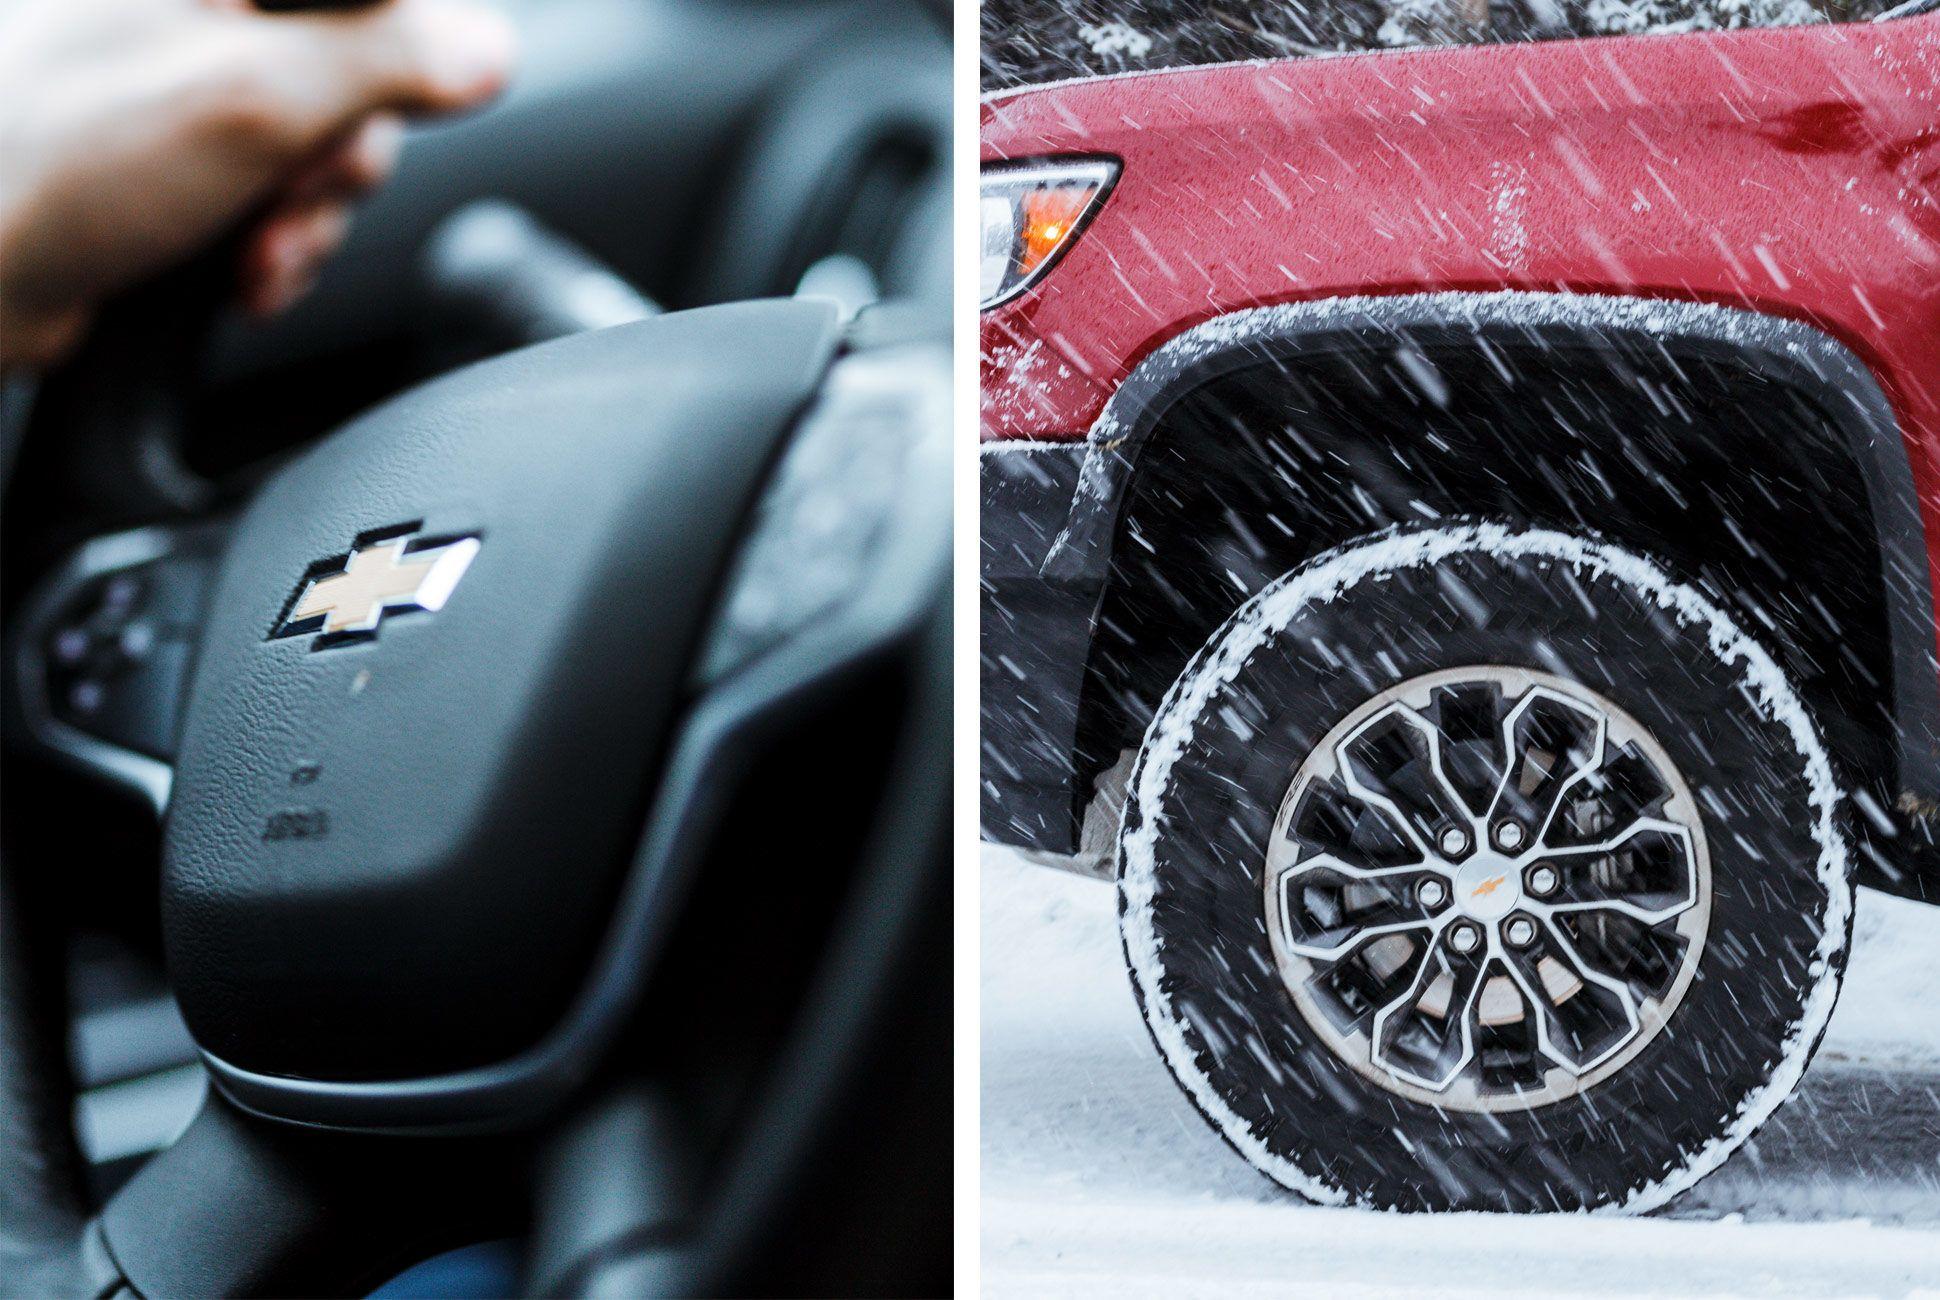 ultimate-ski-and-snow-gear-patrol-chevy-colorado-slide-1